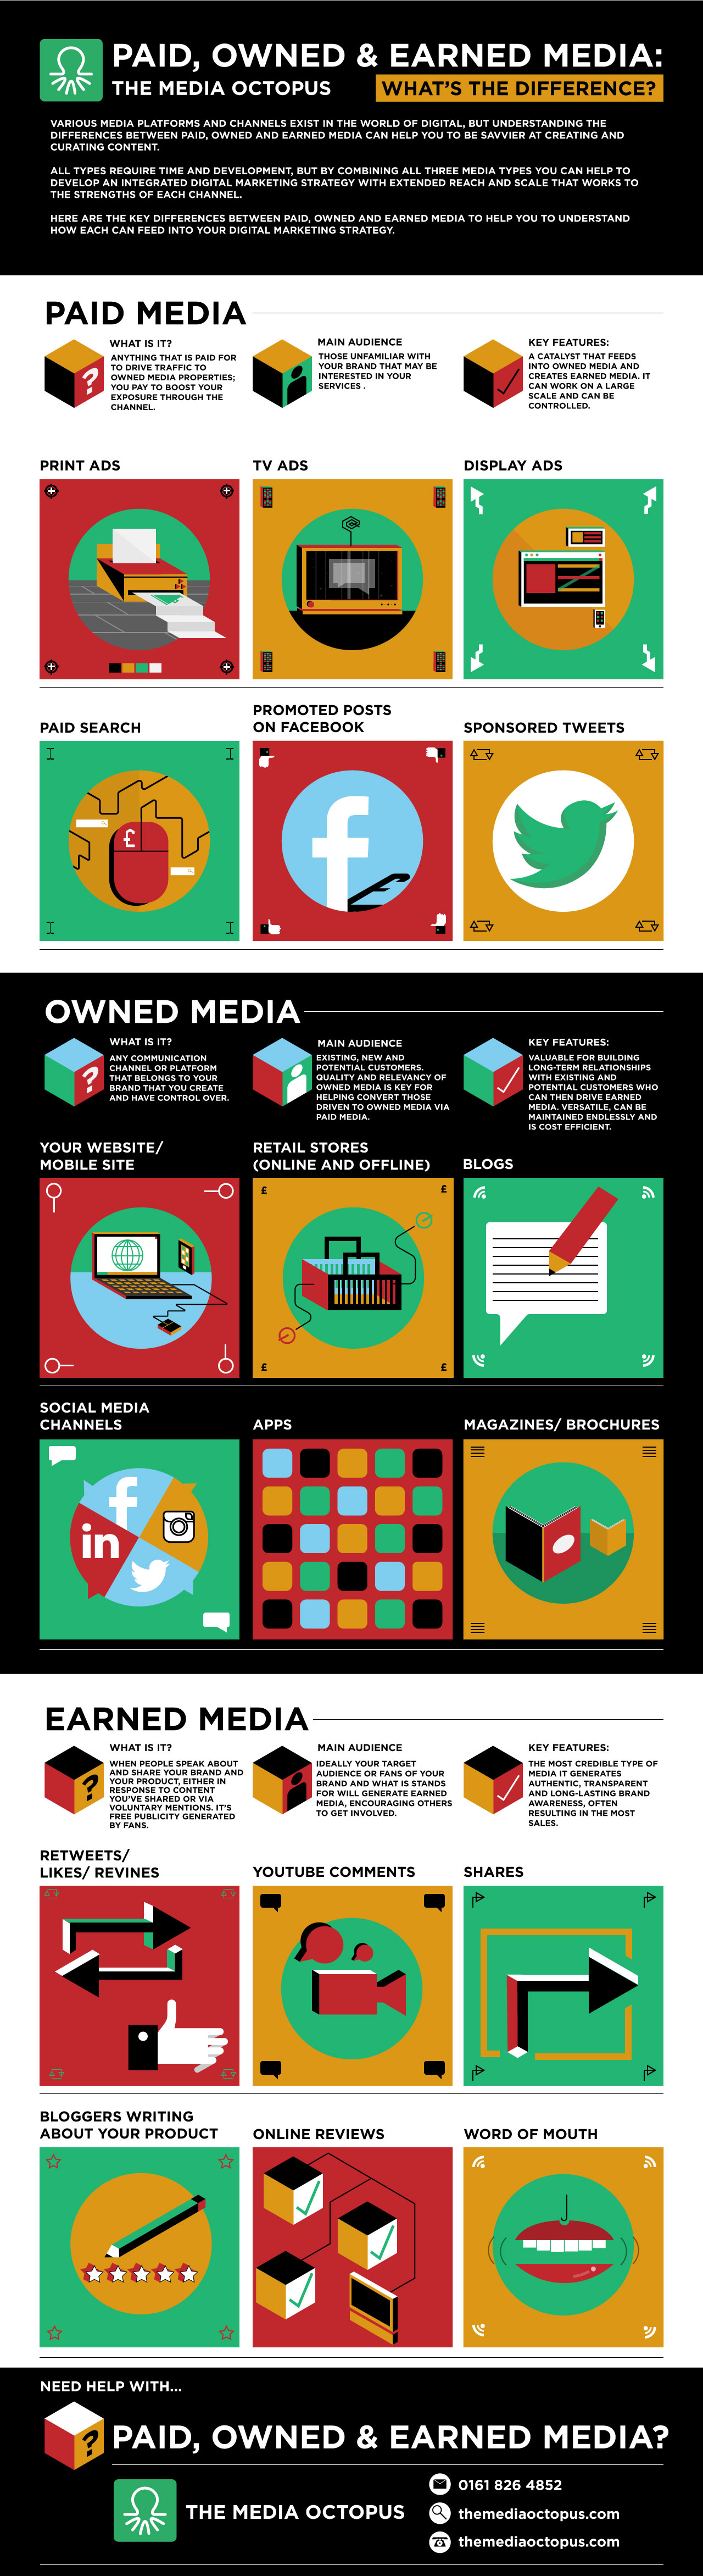 earned-media